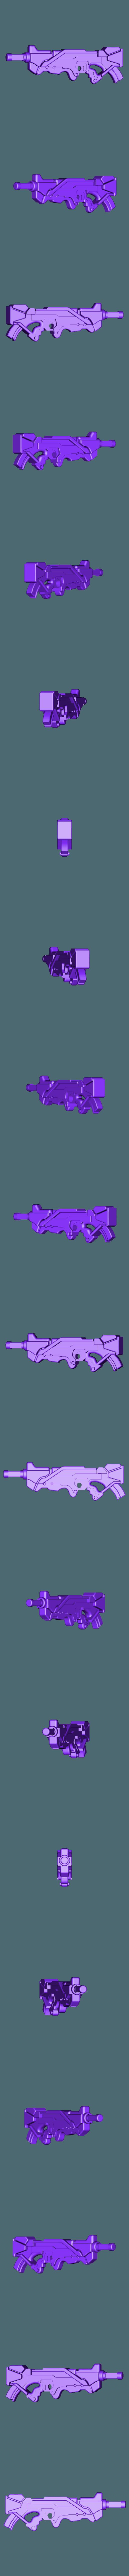 Body_ALEPH.stl Télécharger fichier STL gratuit Le fusil combiné Aleph inspiré par l'infini • Design imprimable en 3D, manukrafter